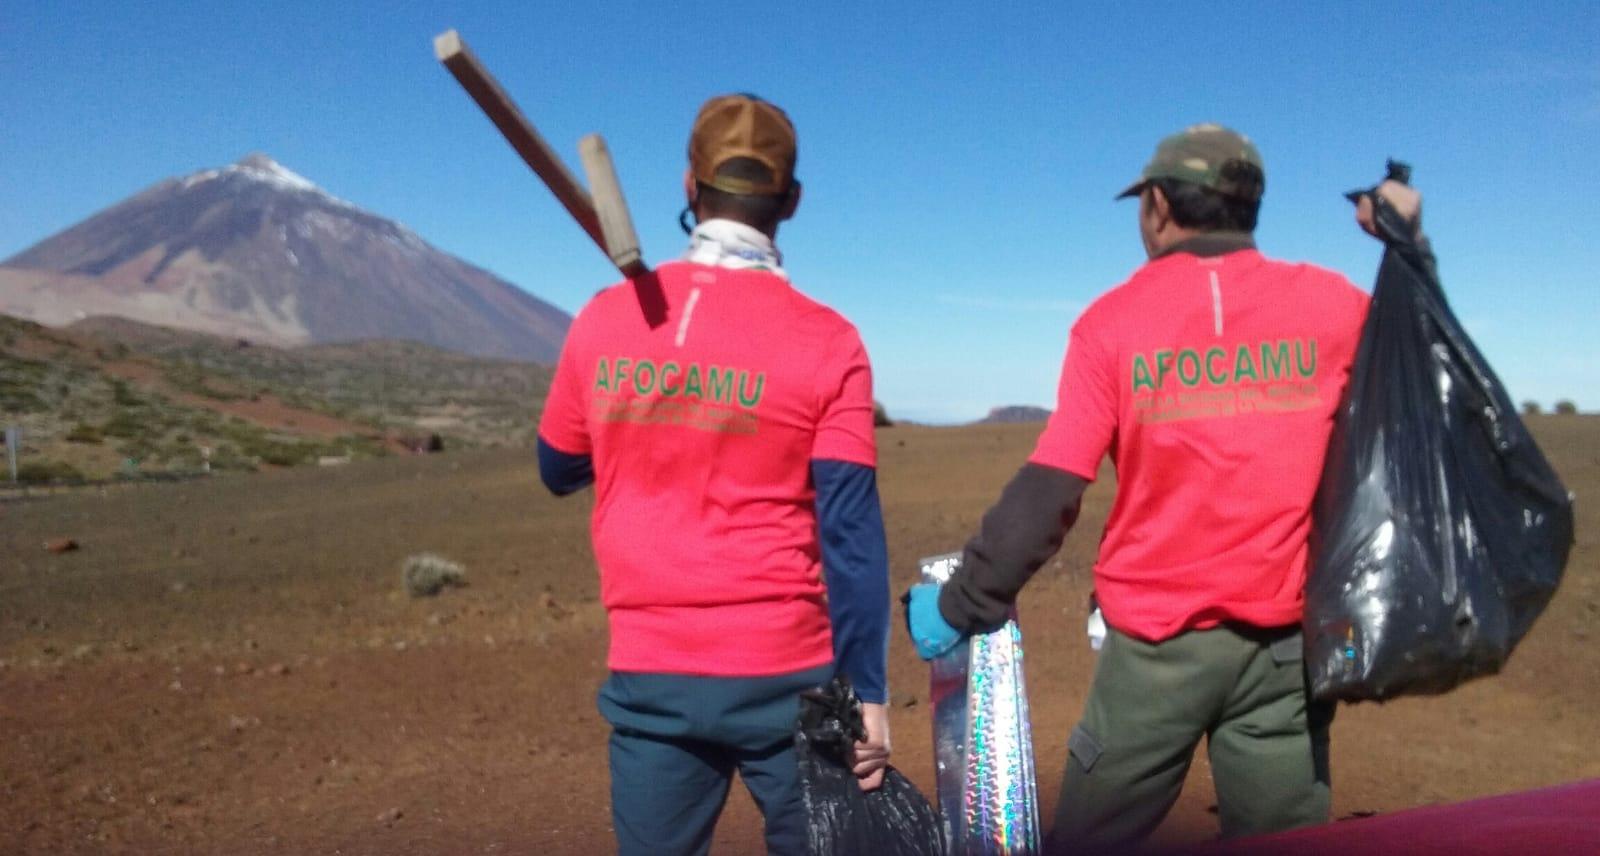 Limpieza voluntaria del Teide tras la 'Operación nevadas'. / DA